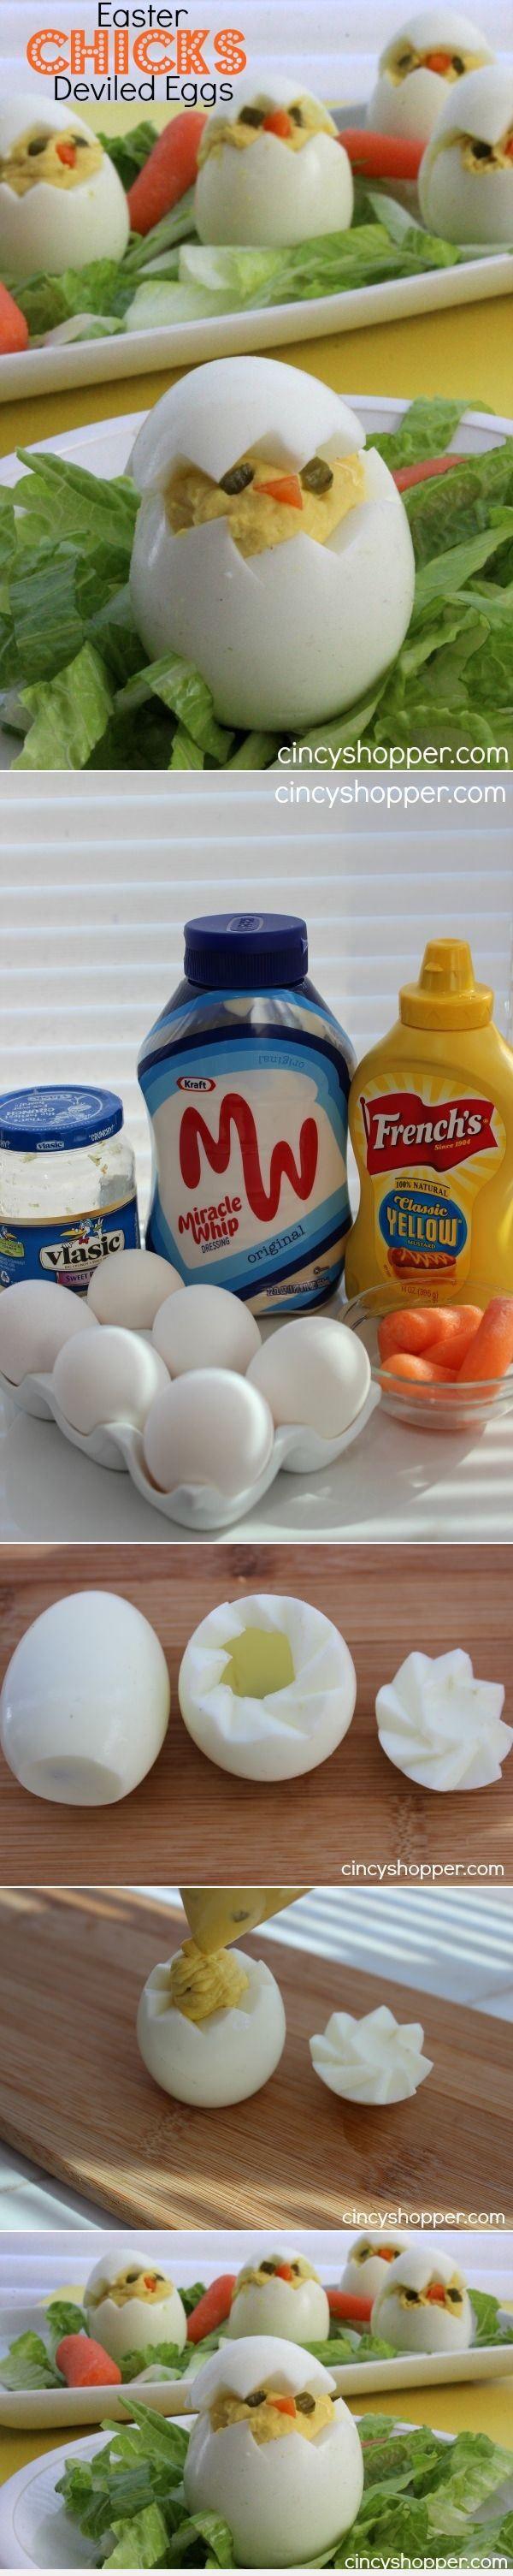 DIY Easter Chicks Deviled Eggs